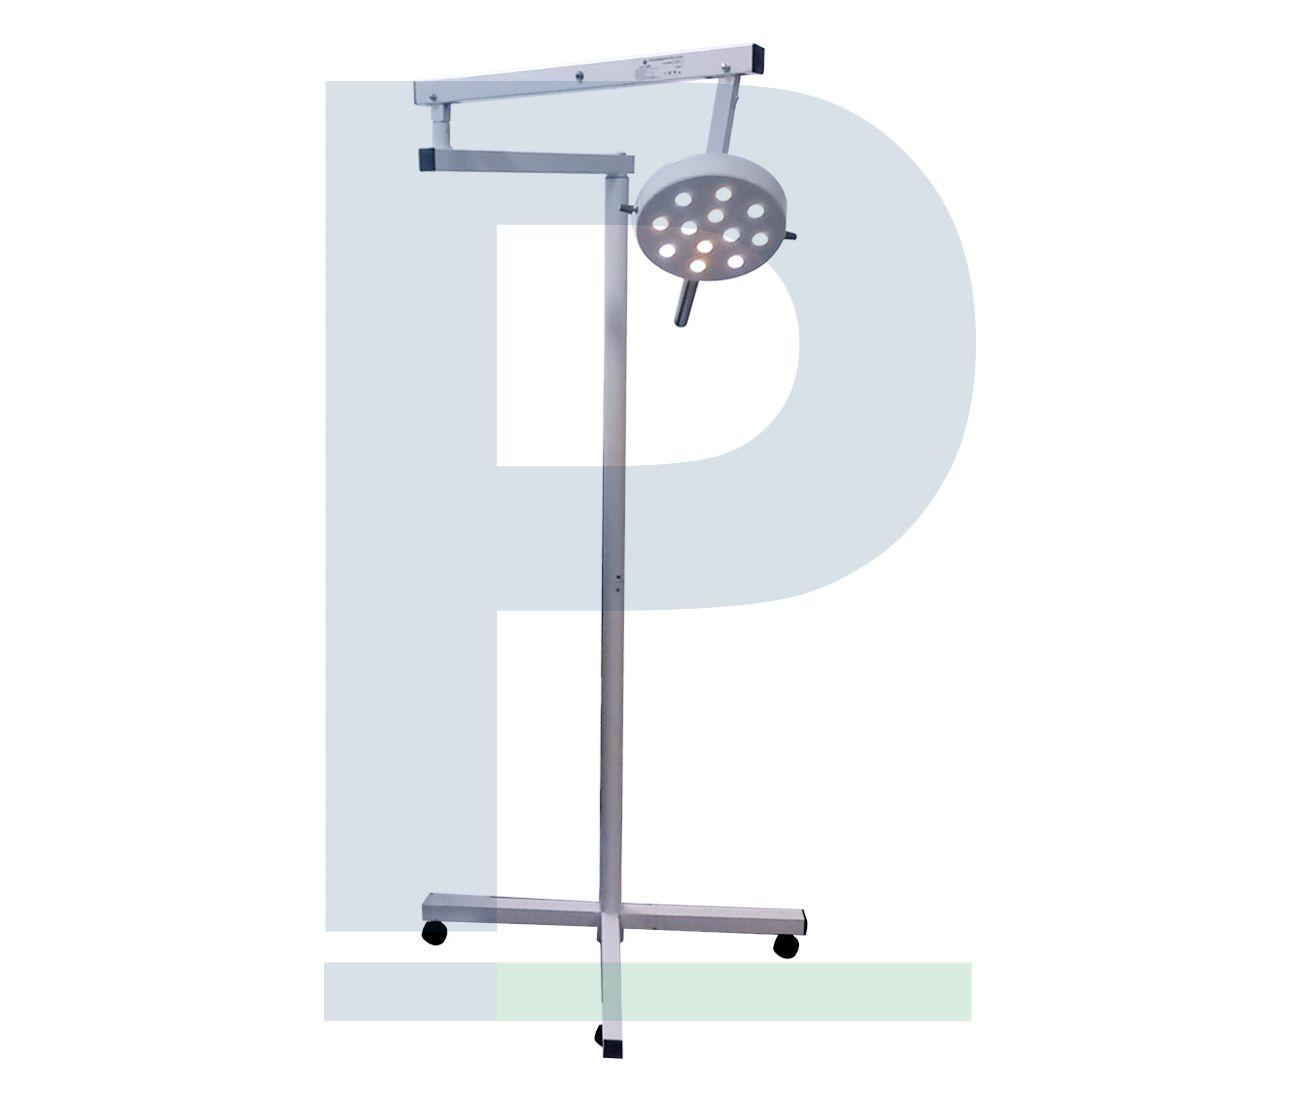 Foco Cirúrgico Pedestal Sem Bateria - 12 Leds